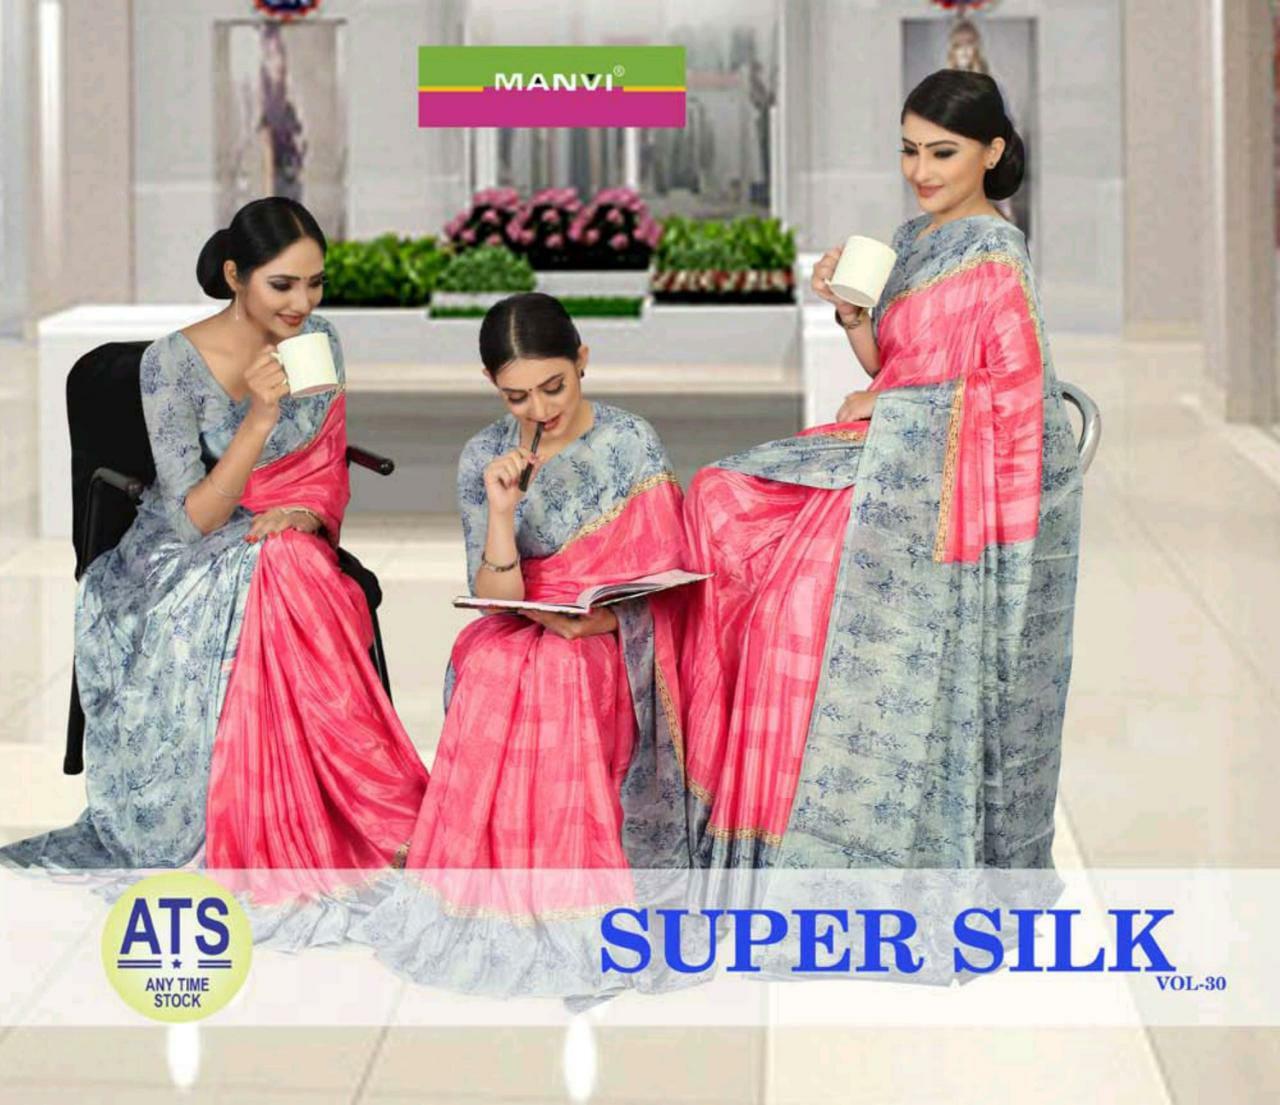 Manvi 3025-3050 Series Super Silk Vol 30 Fancy Uniform Special Saree Collection